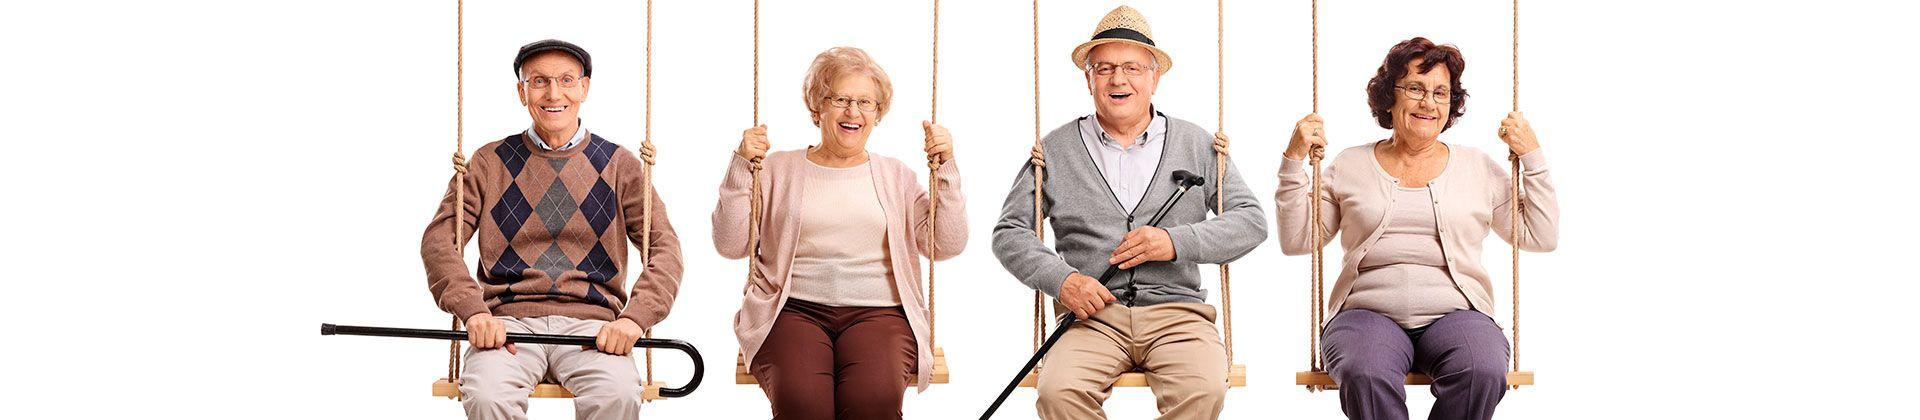 Acreditado Magíster en Envejecimiento y Calidad de Vida